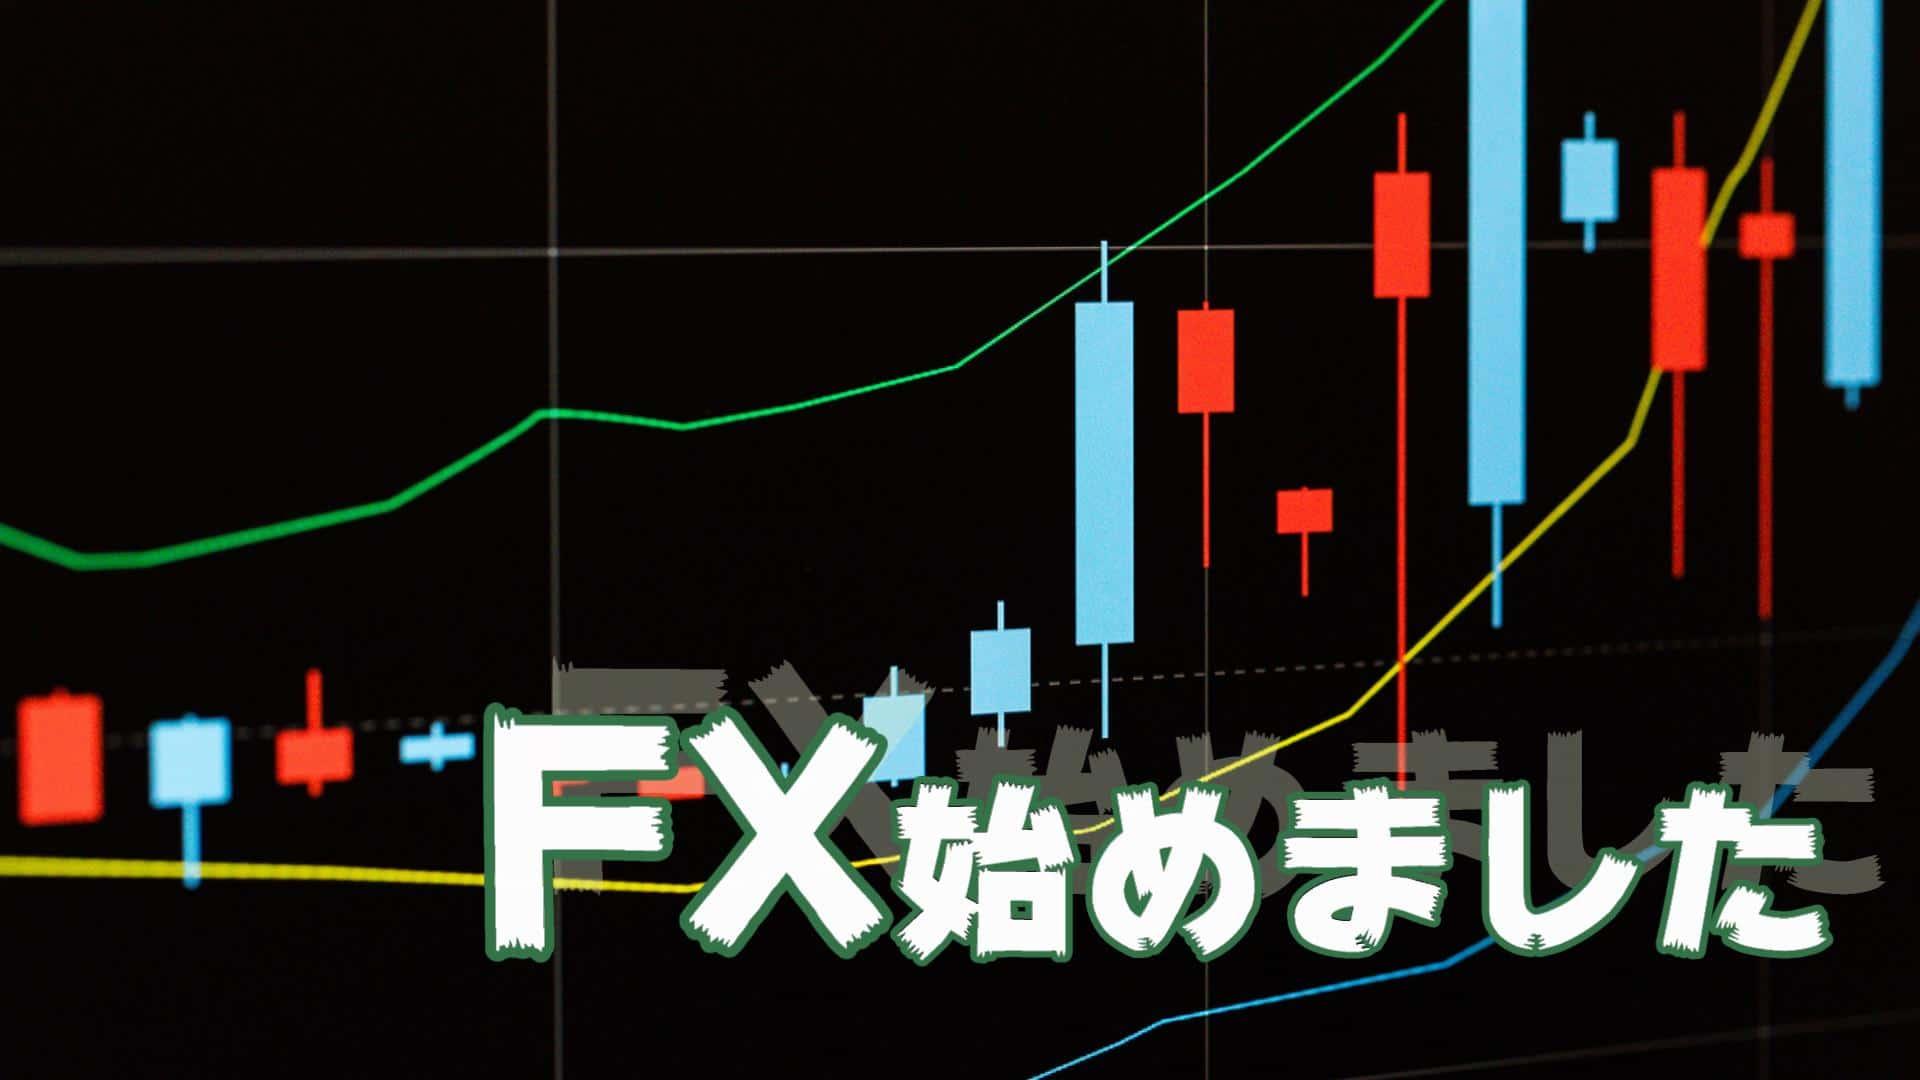 FX始めました